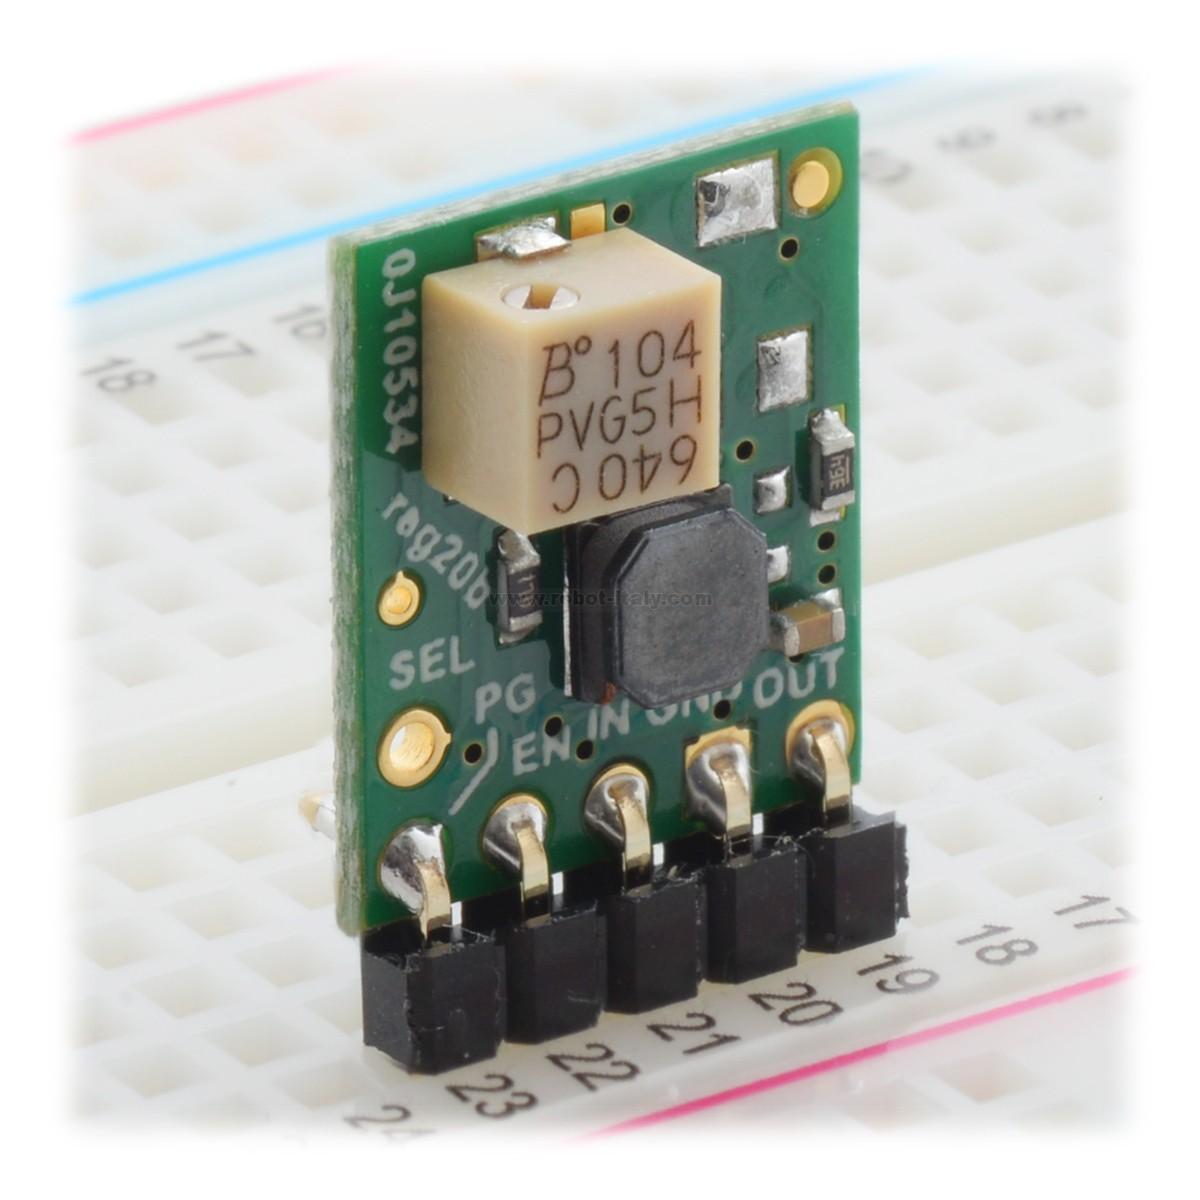 2870 - 5V Step-Up/Step-Down Voltage Regulator w/ Adjustable